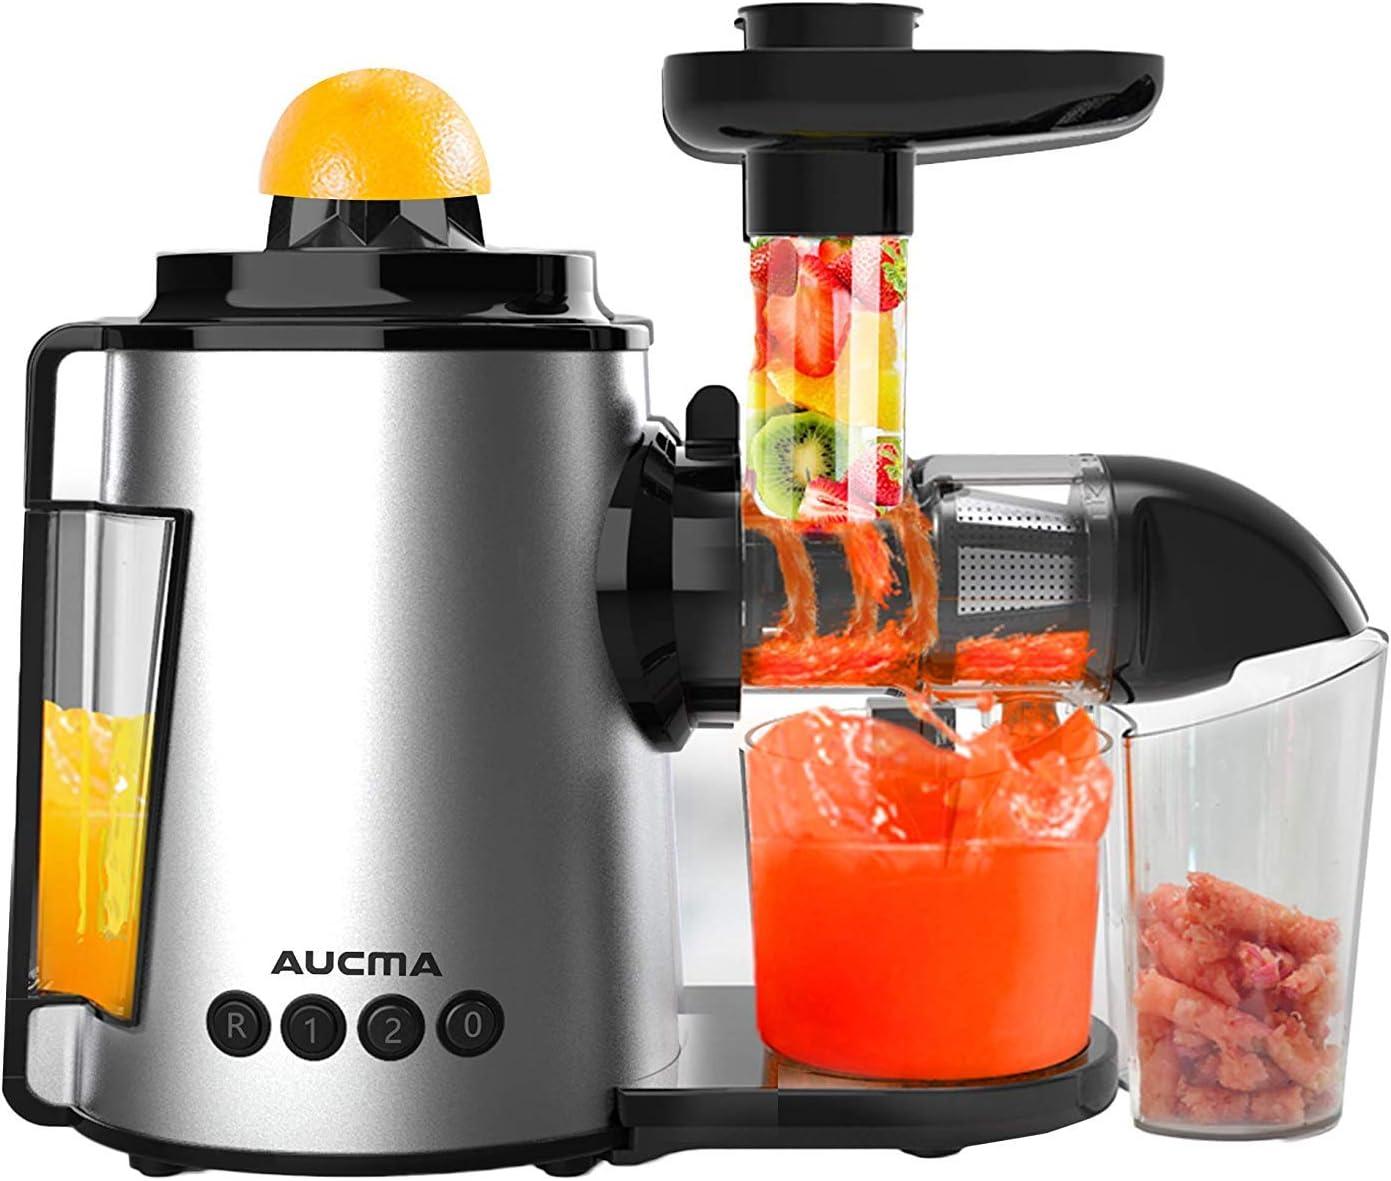 Licuadora Prensado en Frio, AUCMA Licuadora Frutas Verduras, Extractor de zumos con Función inversa, Motor Silencioso, Limpieza Fácil con Cepillo, Alto en Nutrientes para Zumo de Frutas y Verduras